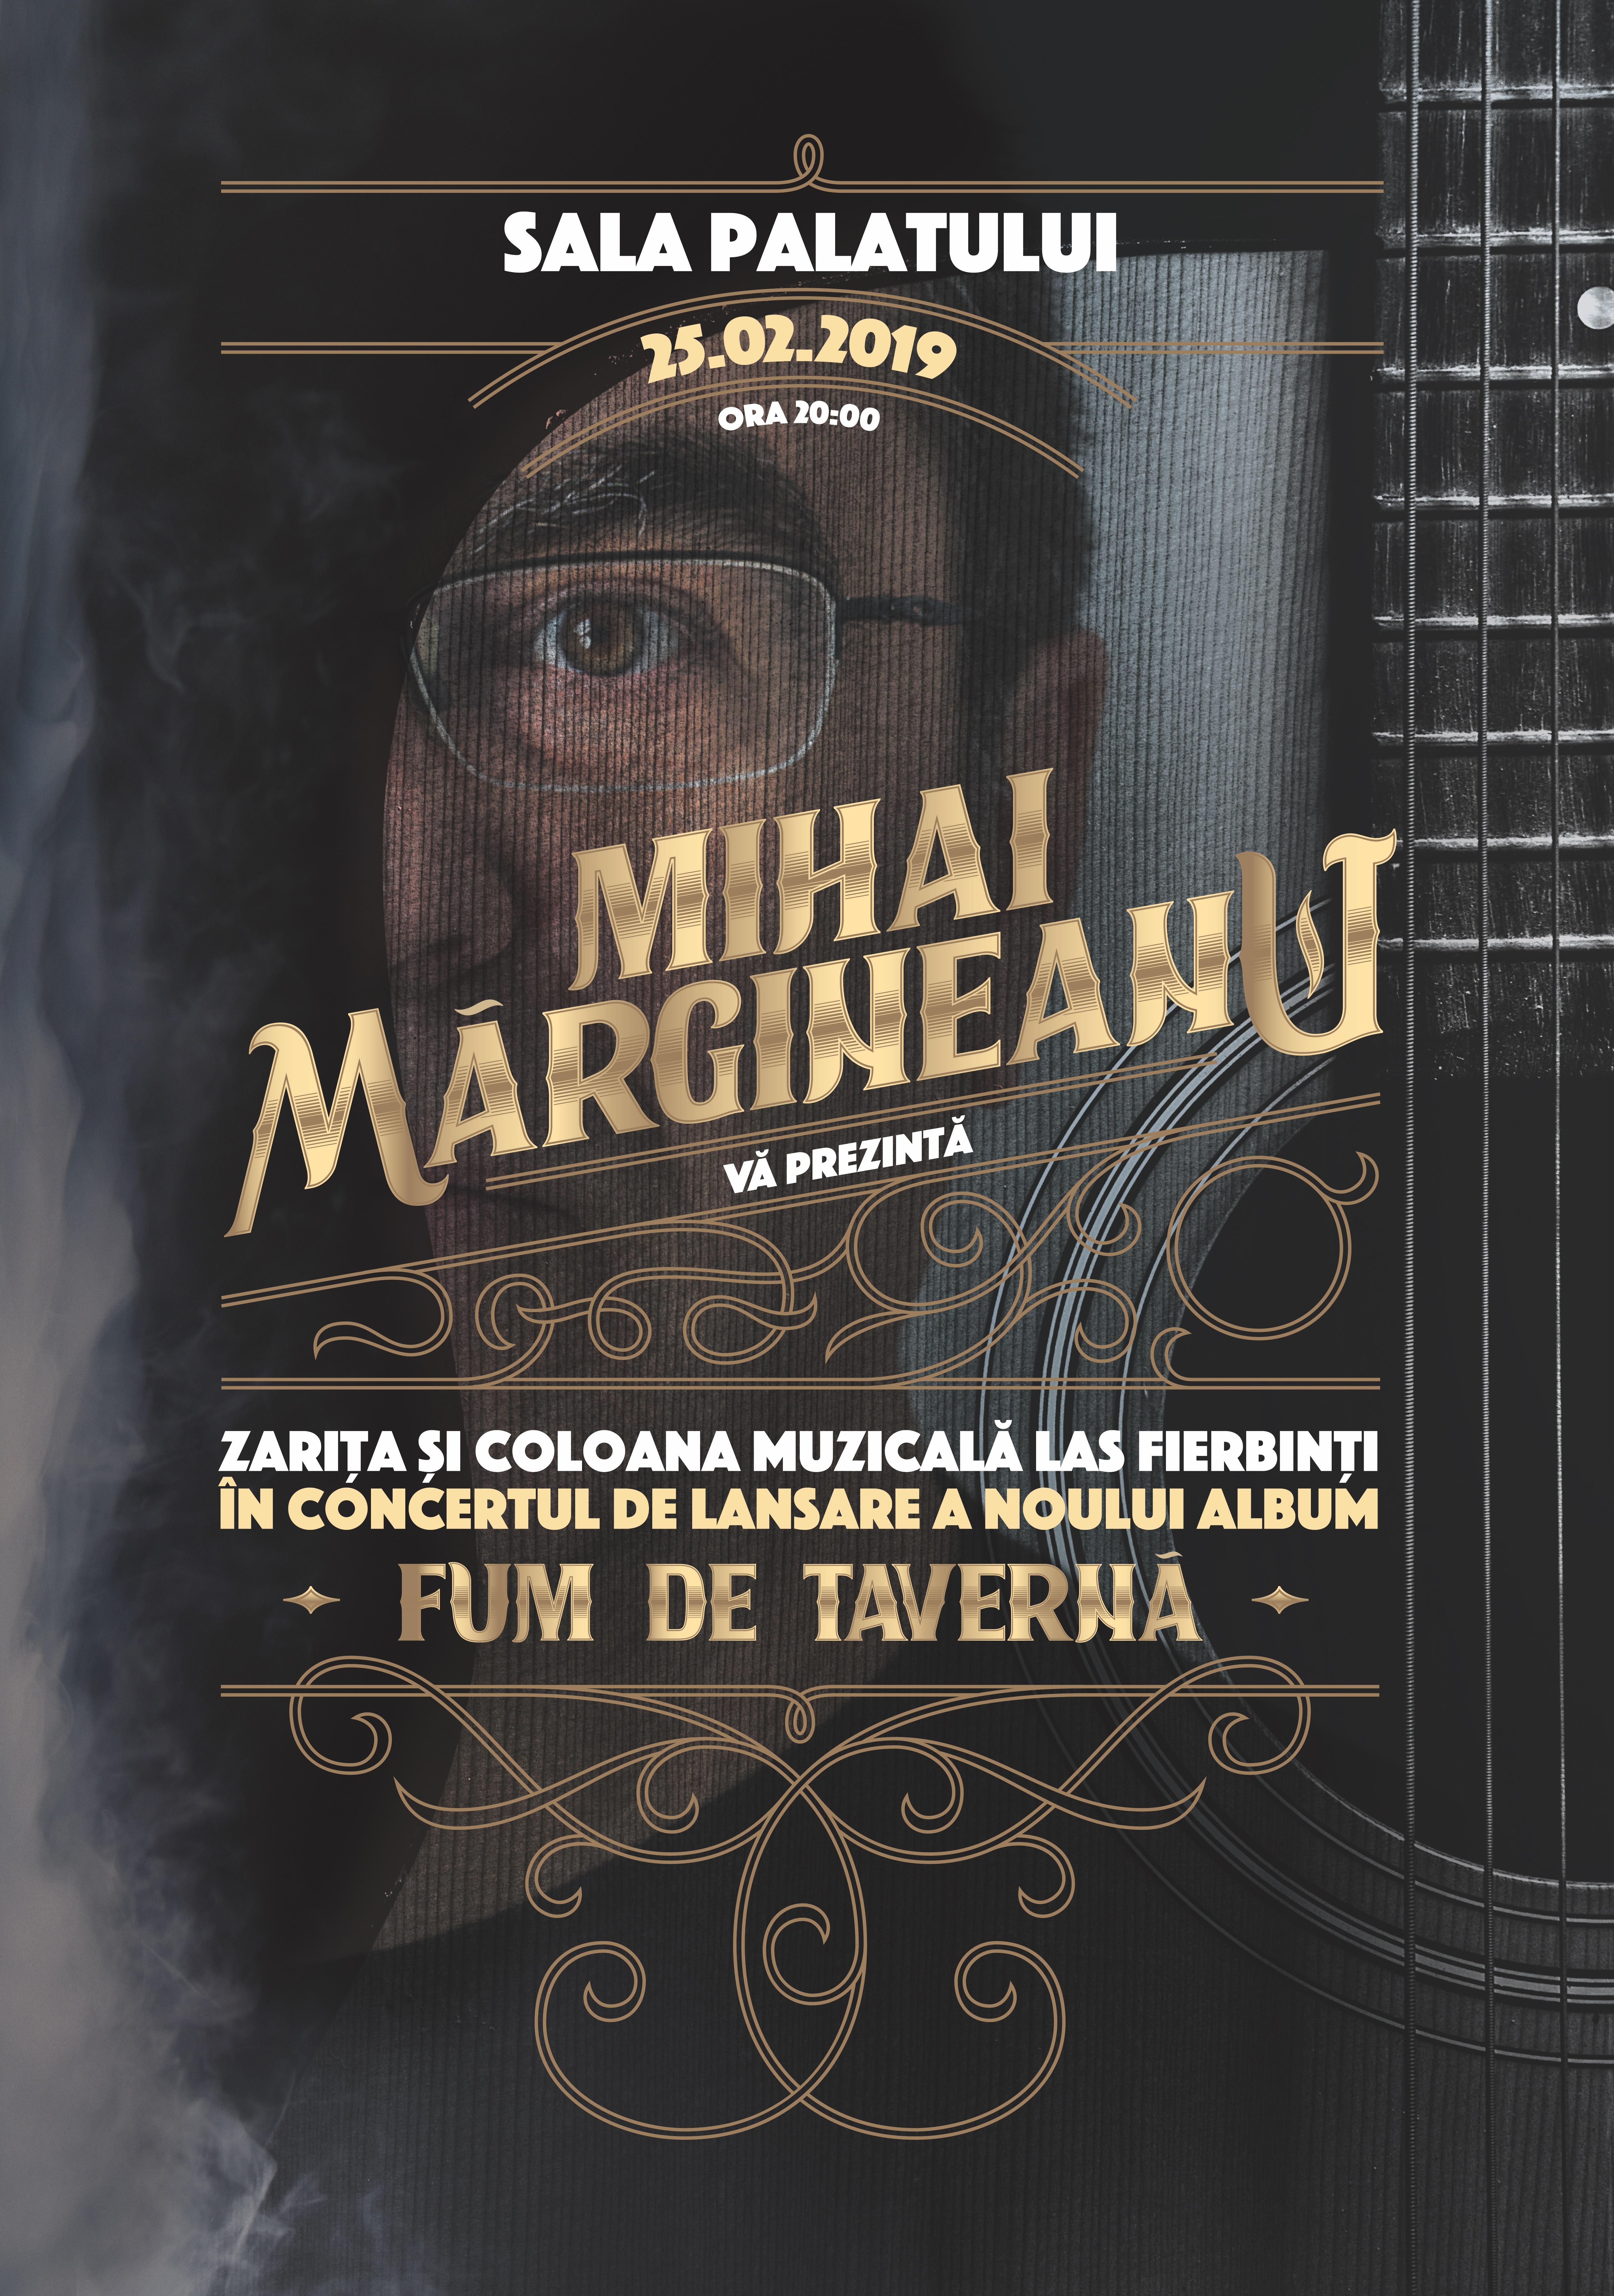 """{focus_keyword} Mihai Margineanu prezinta coloana sonora """"Las Fierbinti"""" si lanseaza albumul """"Fum de taverna"""" in concert la Sala Palatului image001 24"""